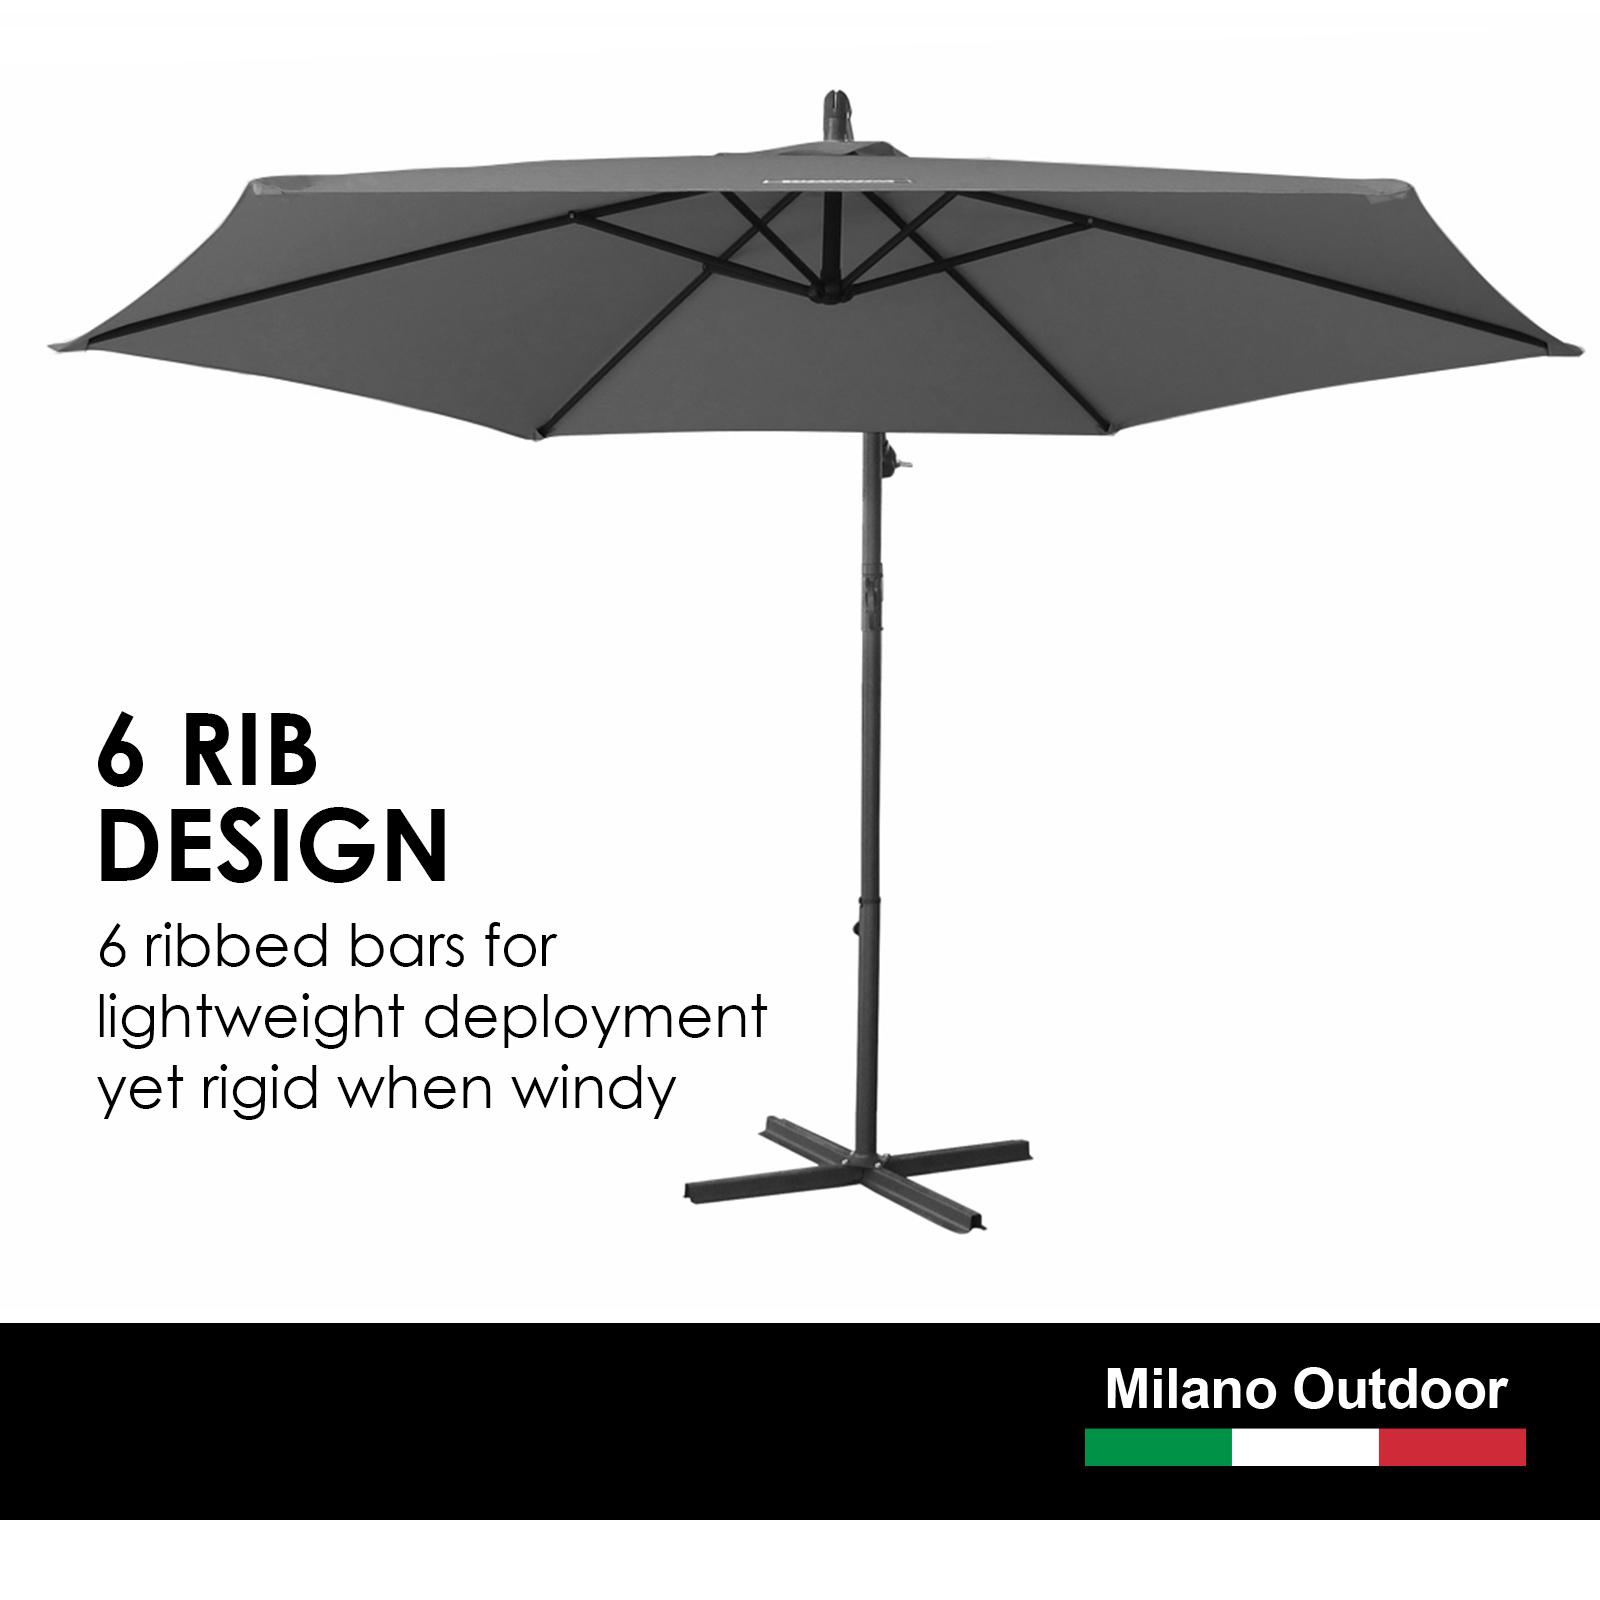 thumbnail 23 - Milano Outdoor 3 Metre Cantilever Umbrella UV Sunshade Garden Patio Deck